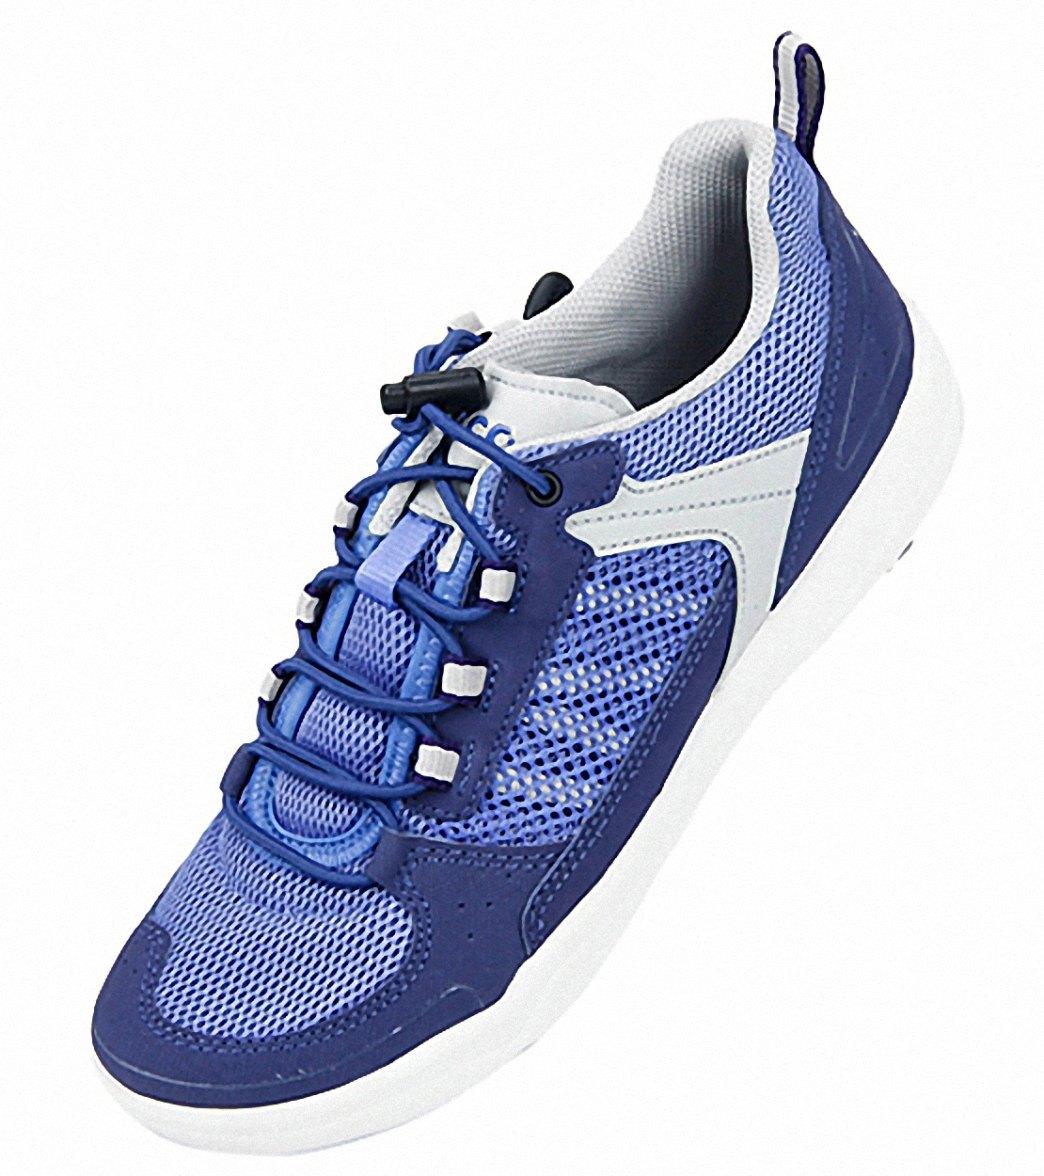 Ecco Women s Aqua Sport Water Shoes at SwimOutlet.com - Free ... f7a612d12